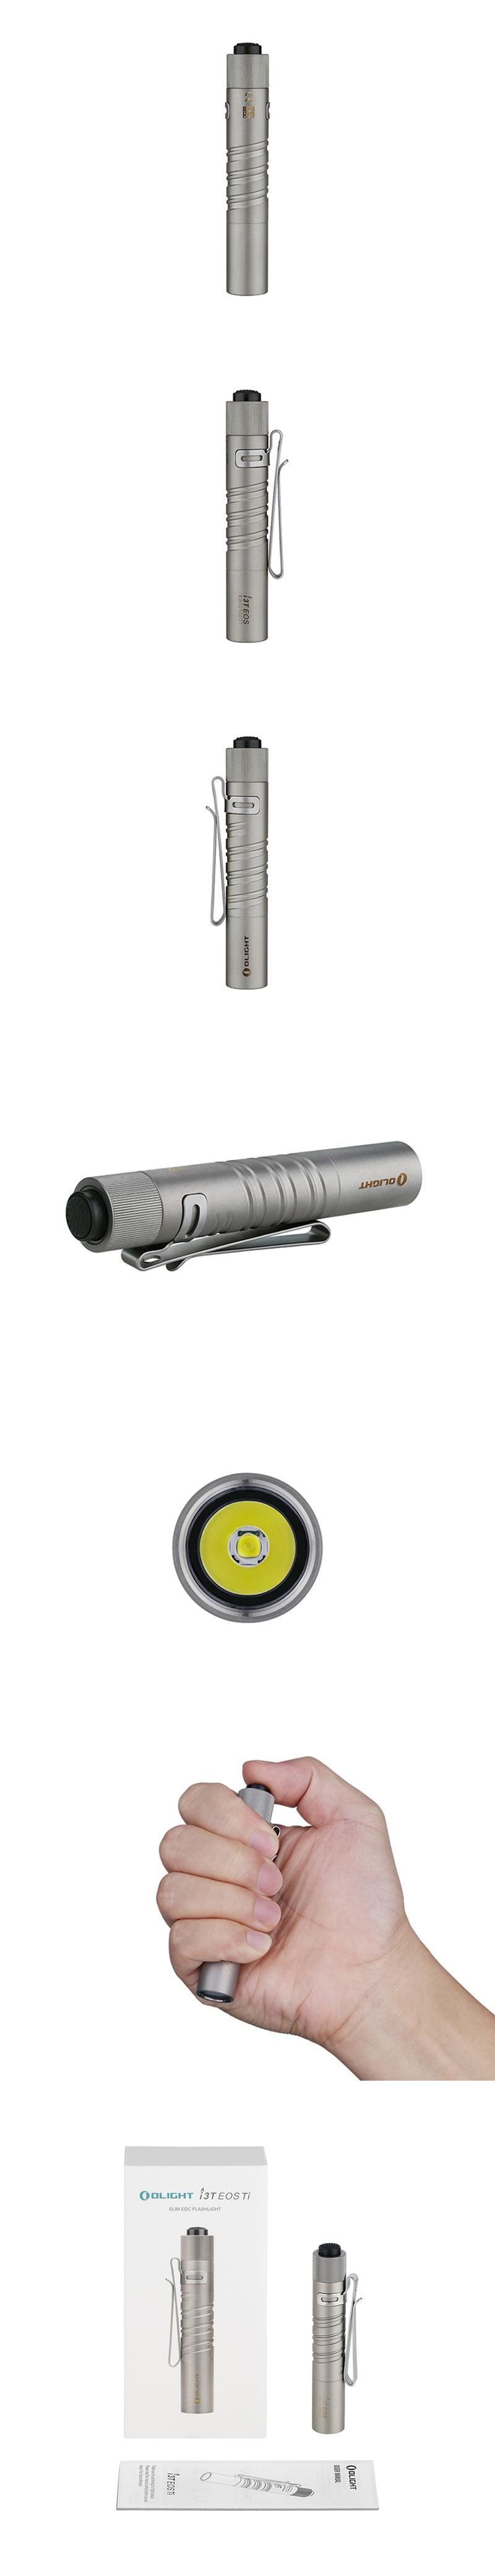 【錸特光電 OLIGHT 台灣總代理】Olight i3T Ti  Titanium  180 流明 鈦合金 AAA筒 EDC手電筒_2